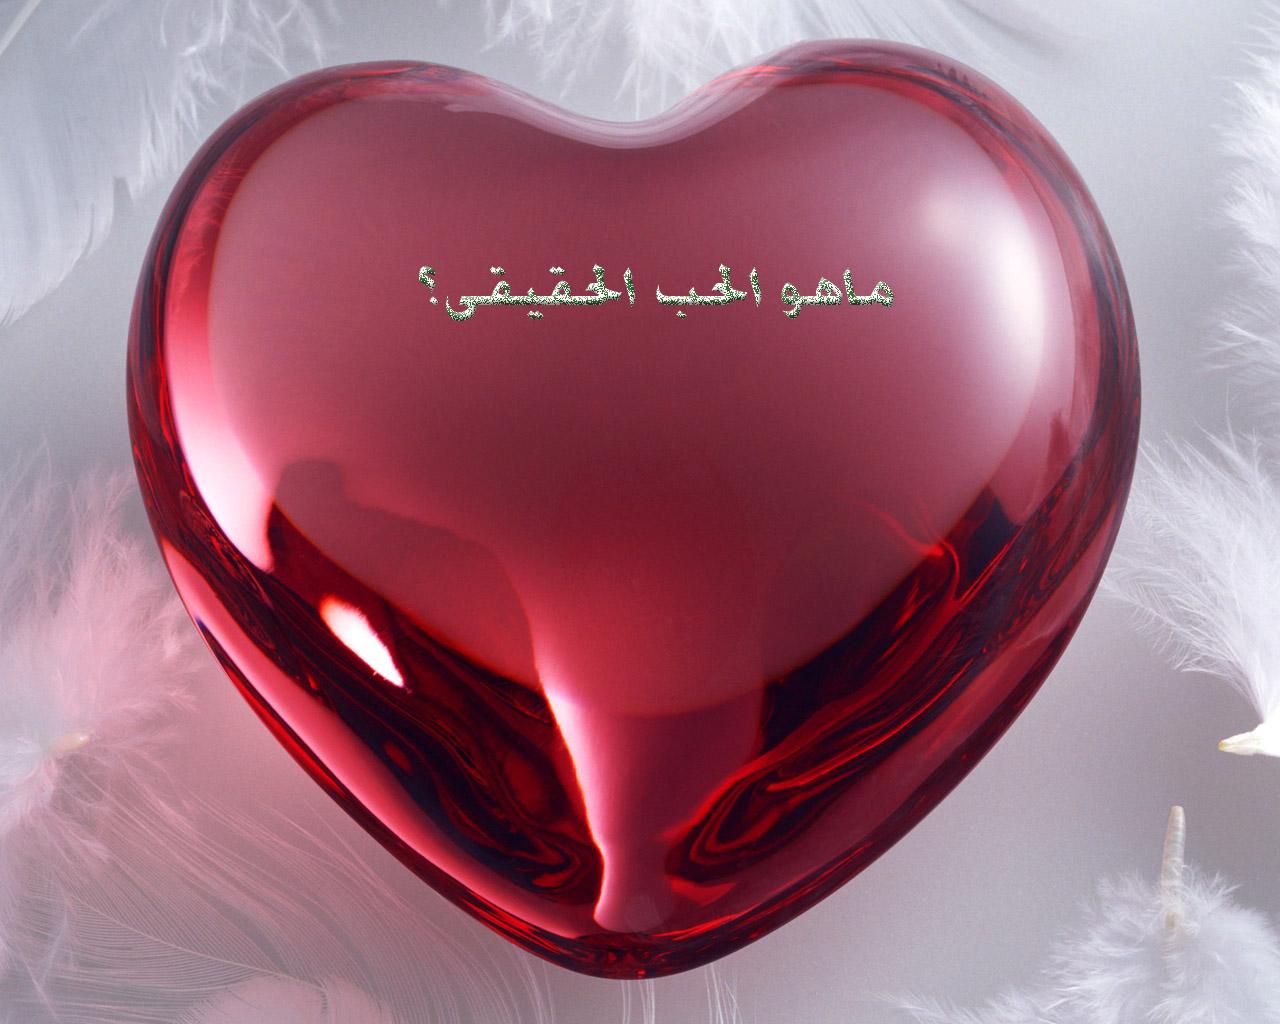 بالصور الحب الحقيقي , ماهو الحب الحقيقى 5950